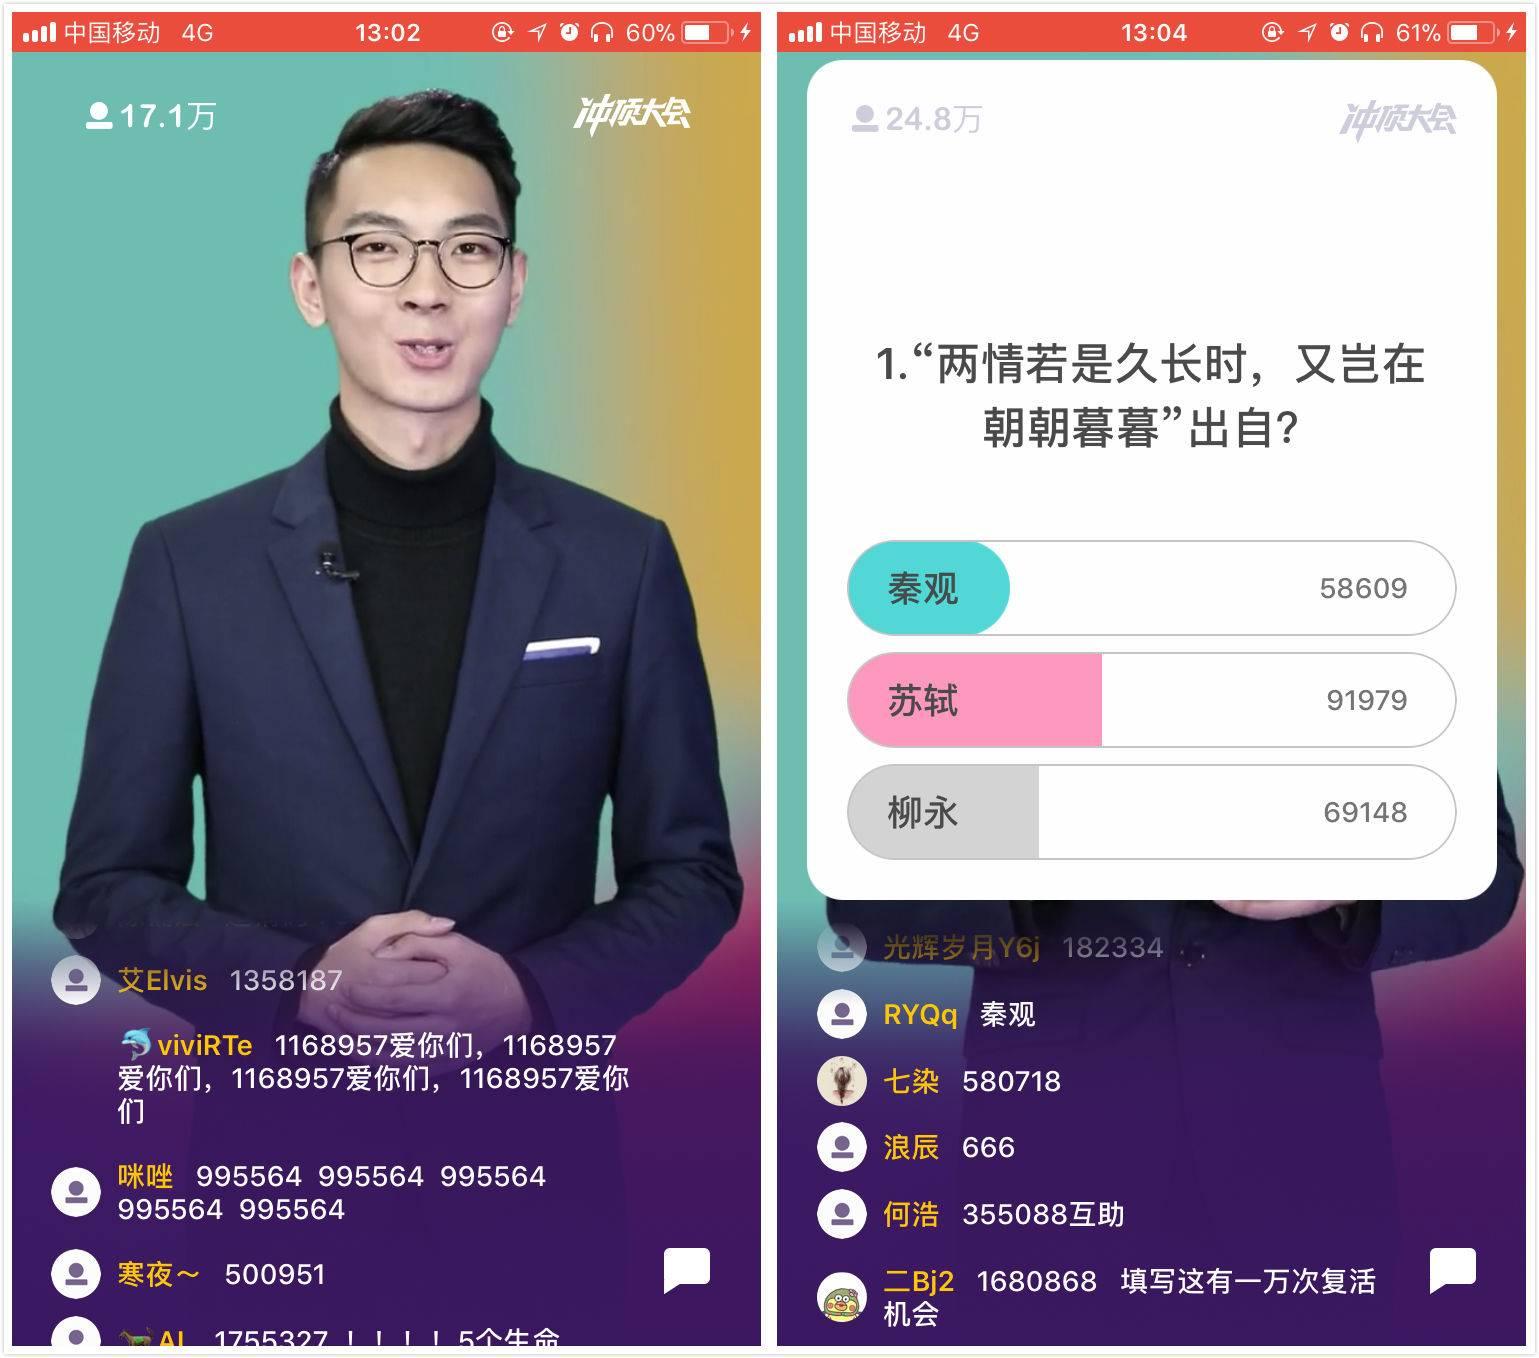 王思聪做了个答题 App,成功 吃鸡 者奖金十万 王